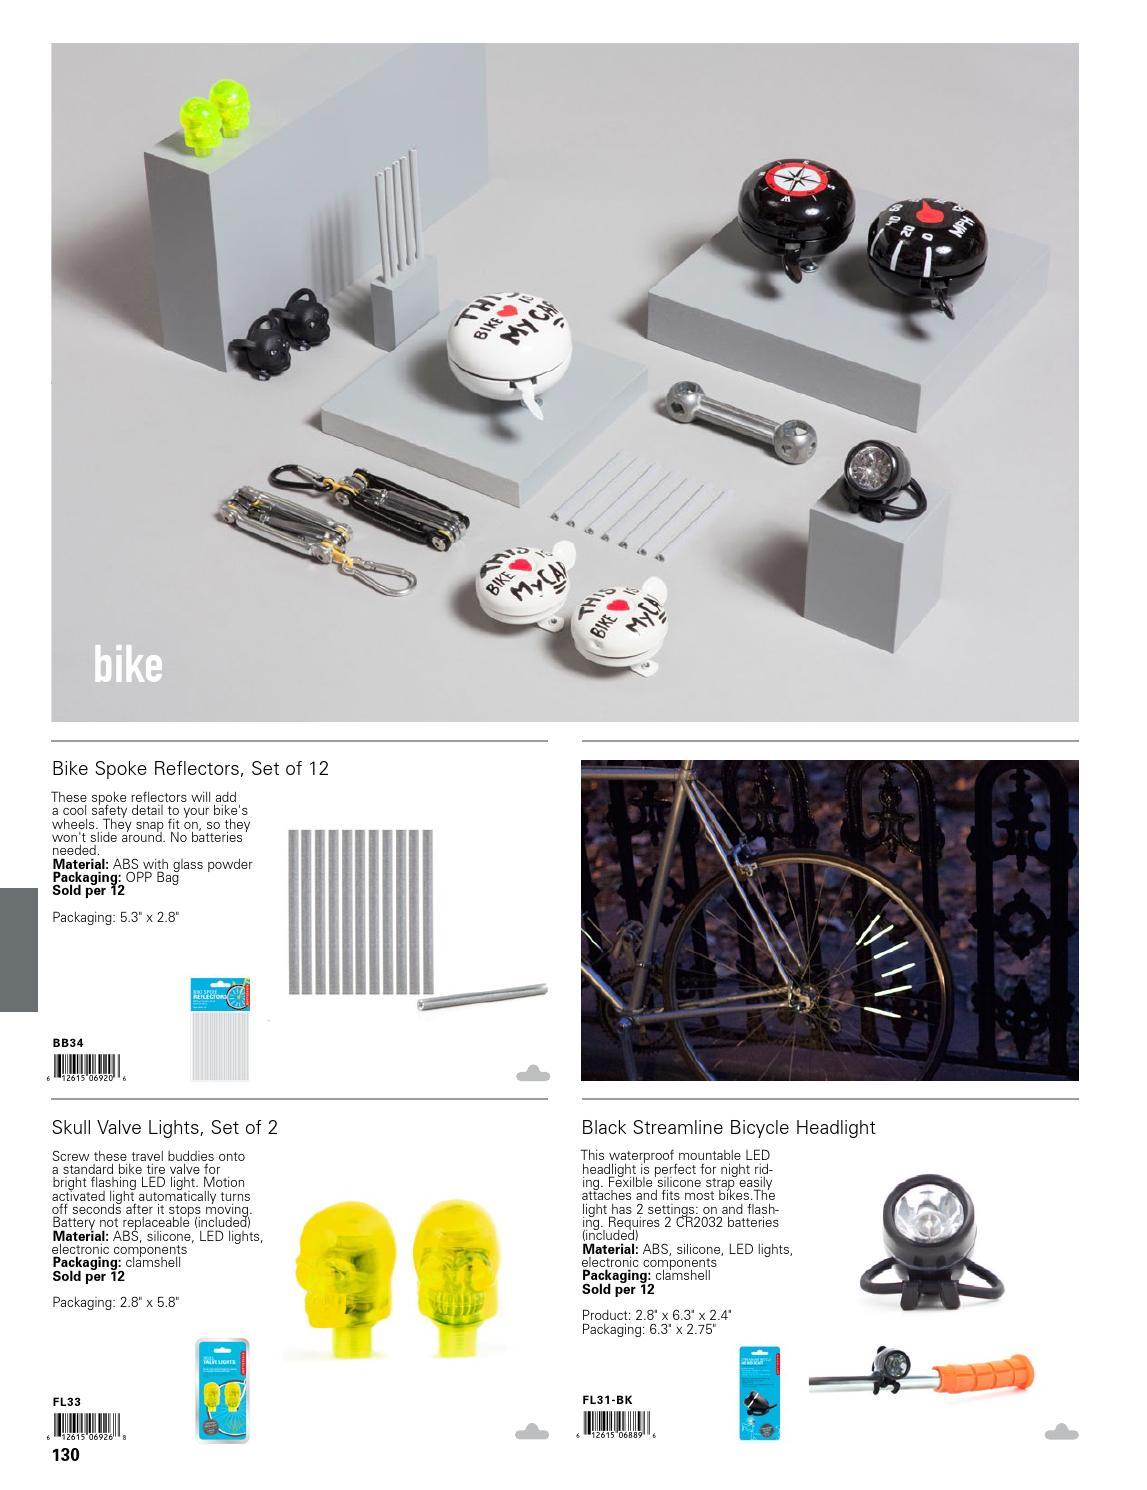 Kikkerland FL33 Skull Valve Lights 2-Pack